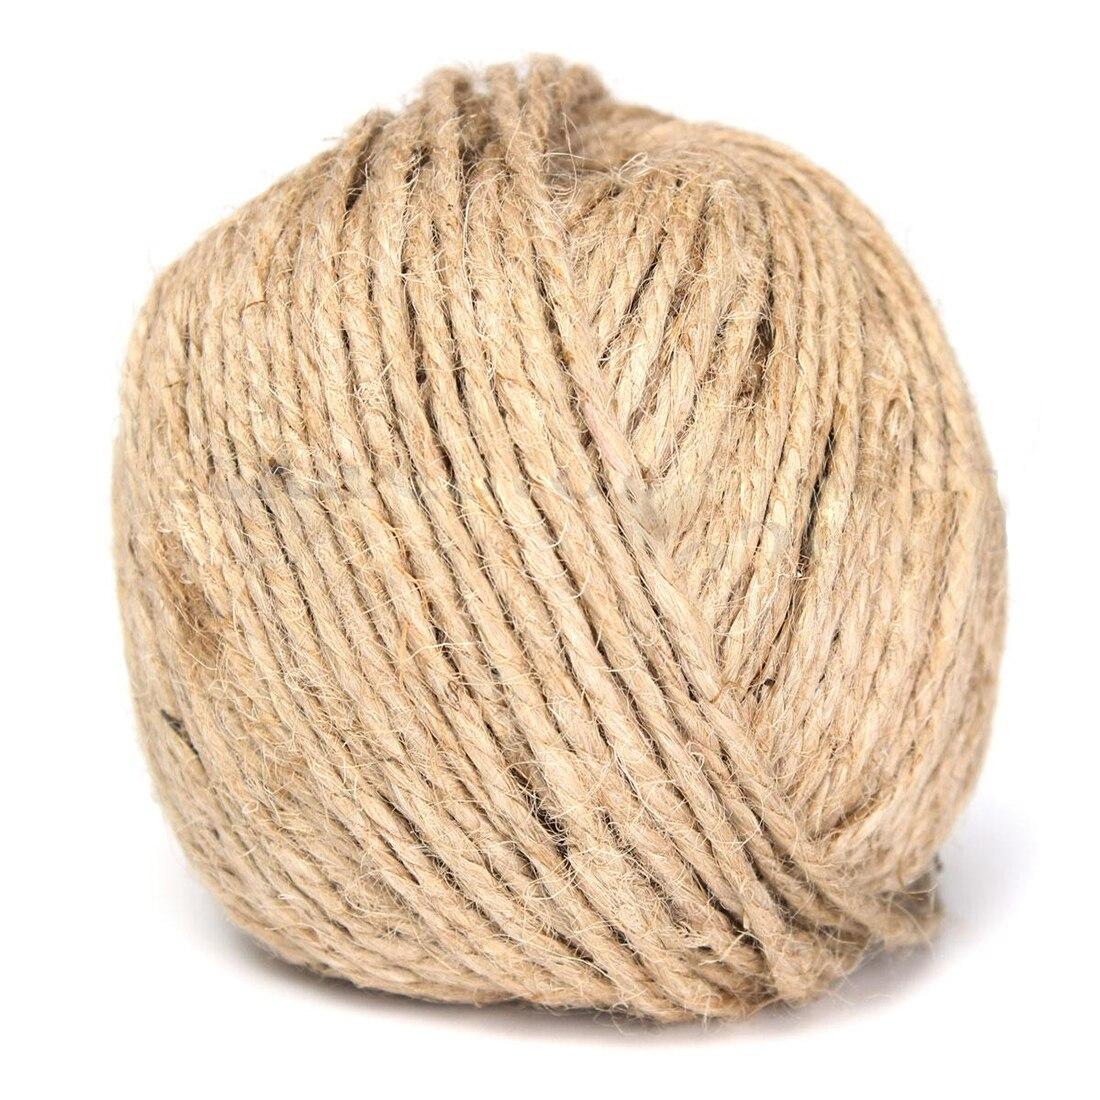 Cuerda de yute rústico marrón grueso de 3MM cuerda de arpillera para artesanía a mano 100M caja de regalo arte Floral etiquetas de boda decoración de envoltura